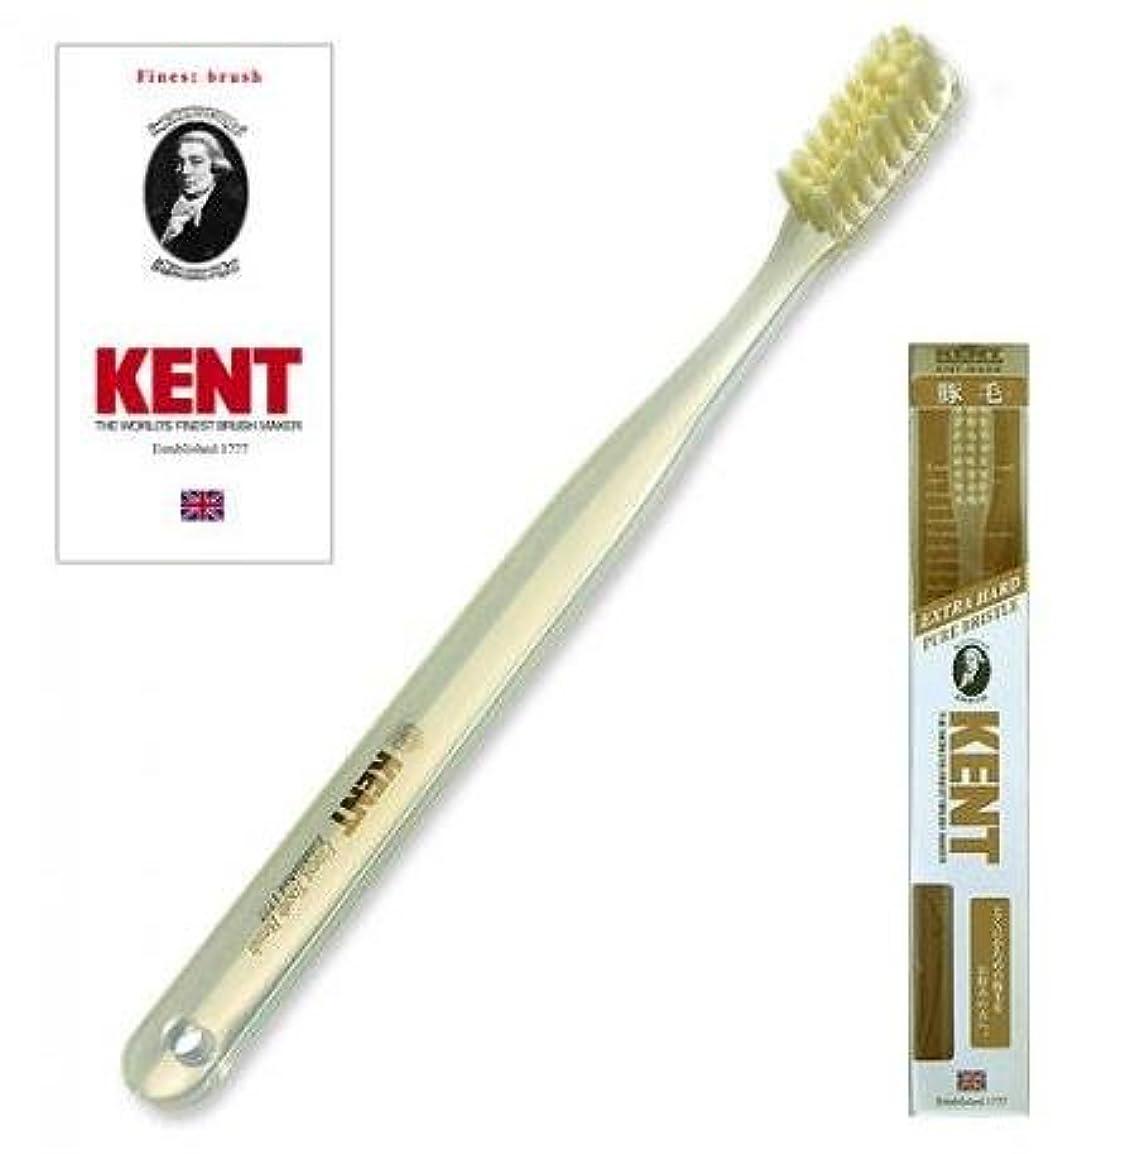 無効にする早いマウントバンクKENT(ケント) 豚毛歯ブラシ ラージヘッド 超かため 2本